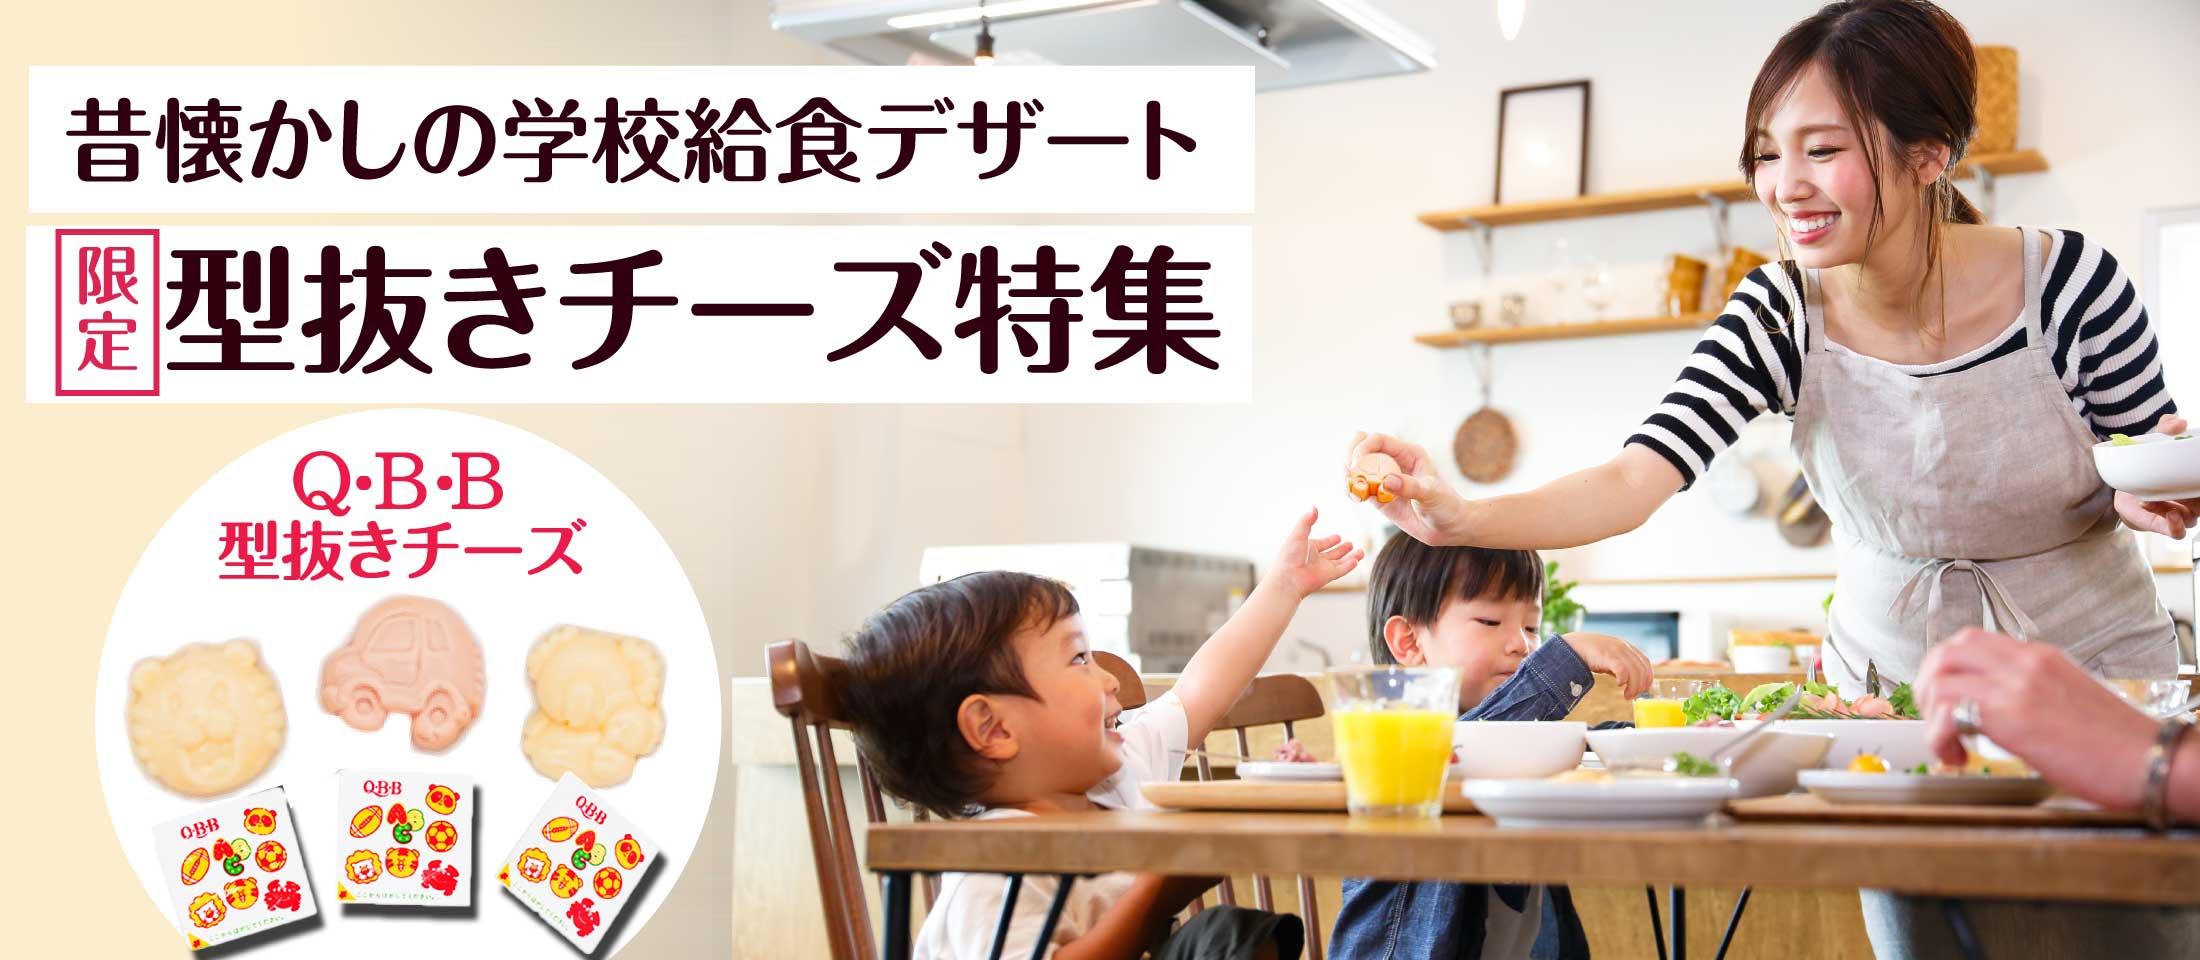 ナカヤマフーズ限定 昔懐かしの学校給食デザート 動物型抜きチーズ 業務用食品・冷凍食品おすすめ 業務用食品・冷凍食品の通販 |ナカヤマフーズ